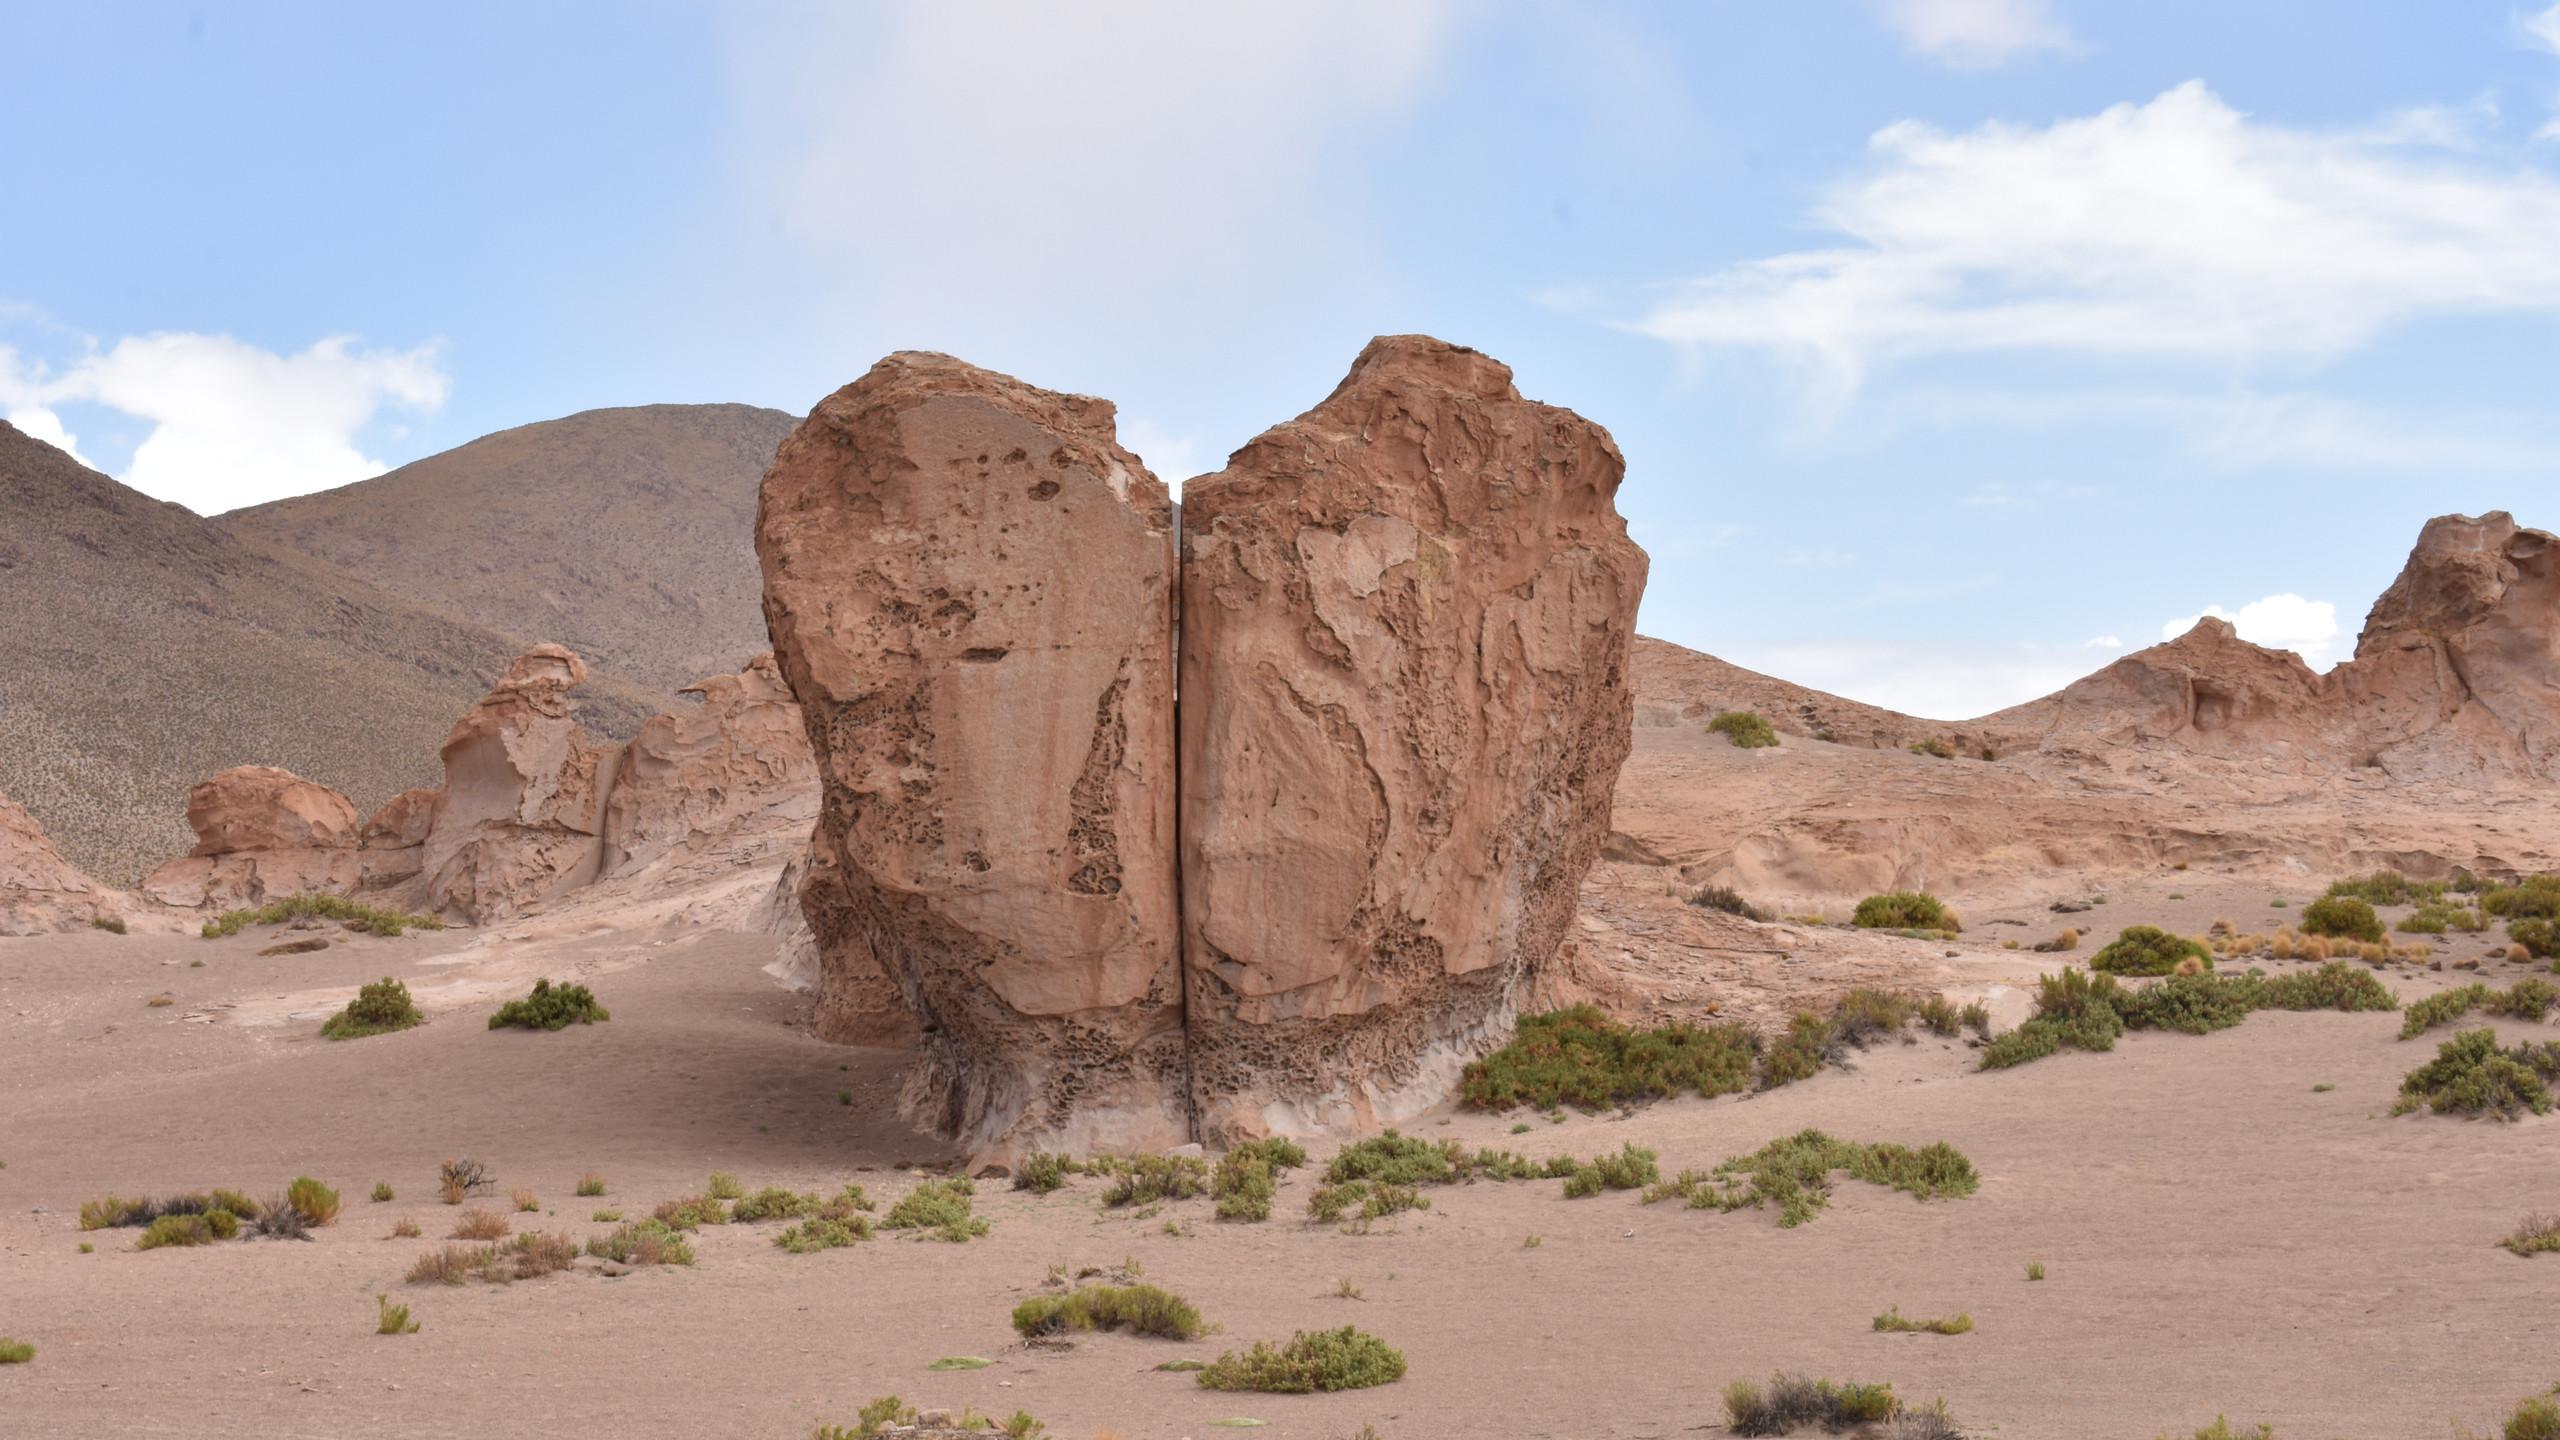 Herzförmiger Stein in der Wüstenlandschaft